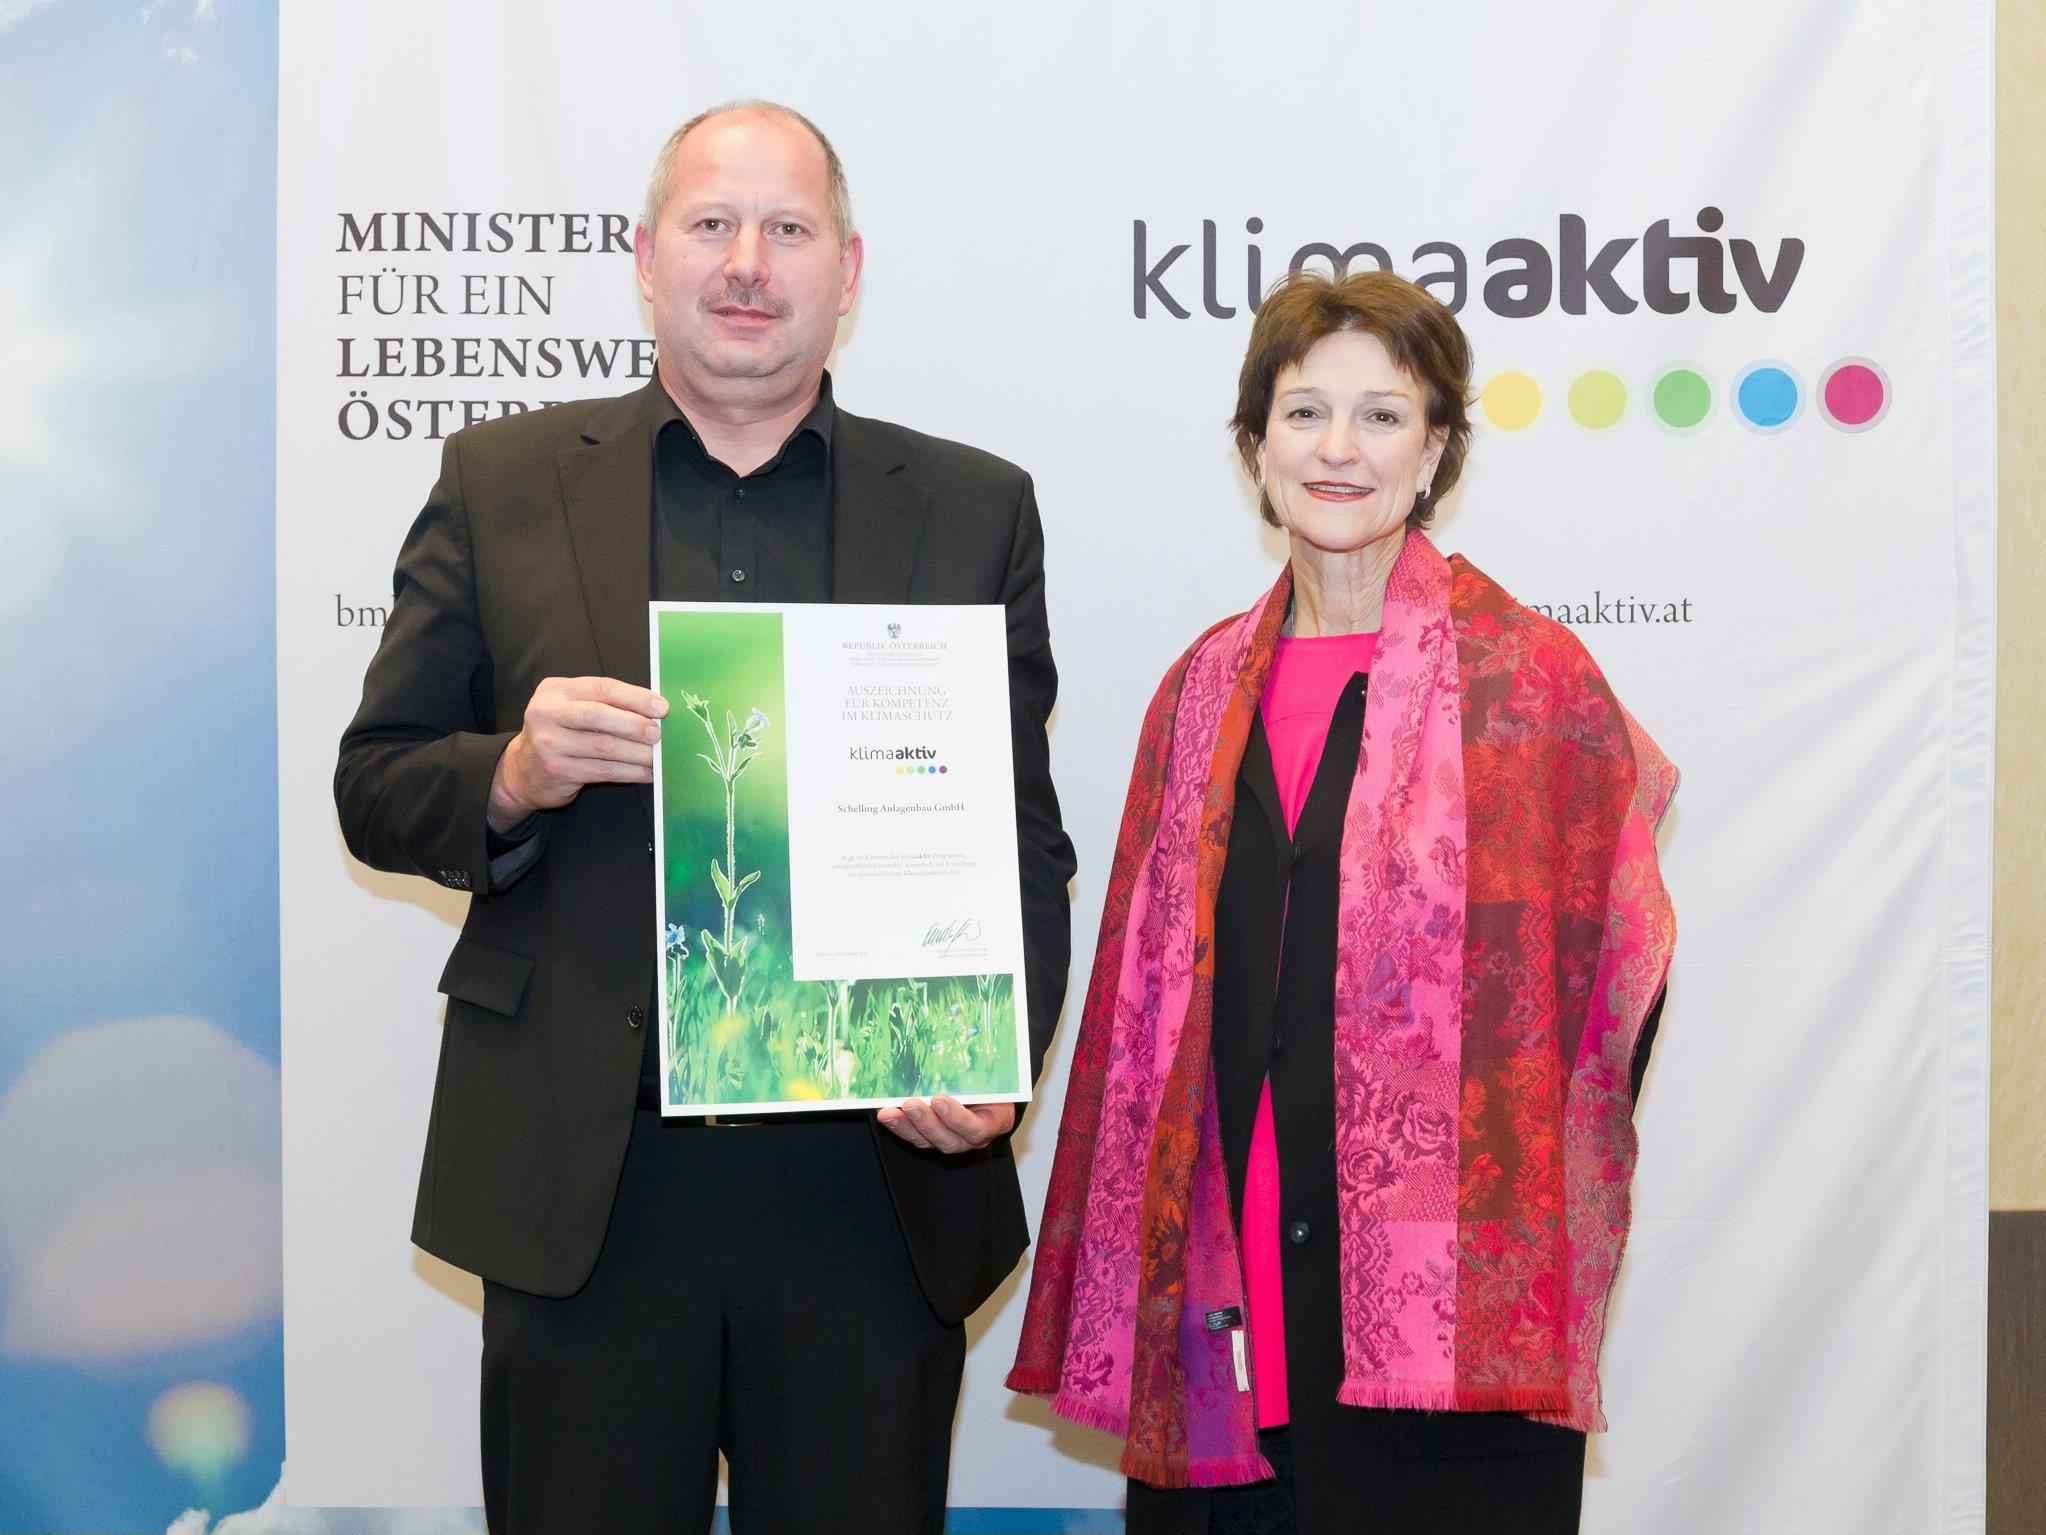 Markus Schwendinger, Leiter Instandhaltung Schelling Anlagenbau GmbH, nahm in Wien die klimaaktiv-Auszeichnung von Dr. Martina Schuster, Leiterin Energie- und Wirtschaftspolitik BMLFUW, entgegen.